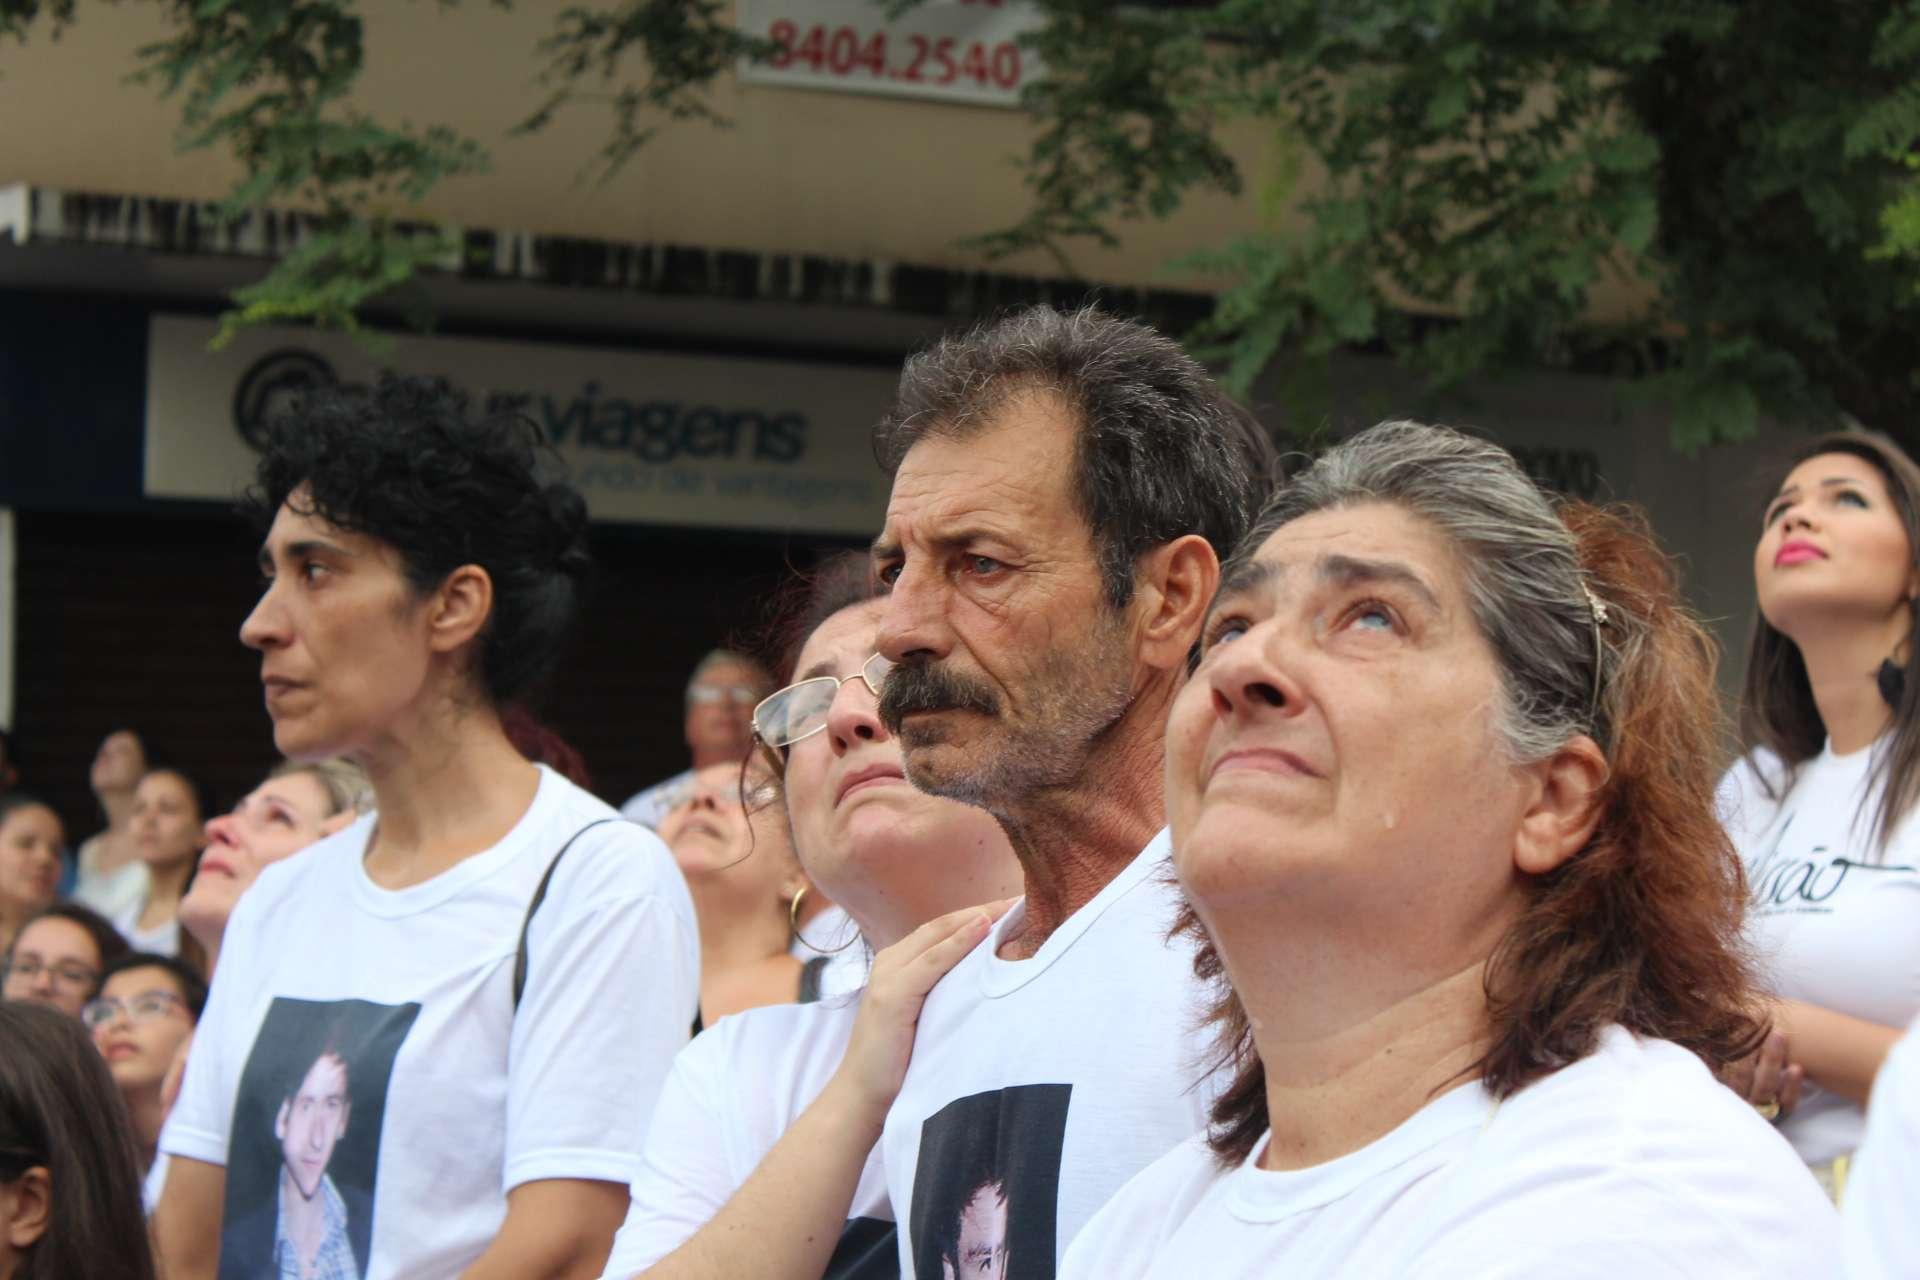 Evento foi organizado pela Associação dos Familiares de Vítimas e Sobreviventes da Tragédia de Santa Maria (AVTSM) Foto: Wagner Machado/Terra